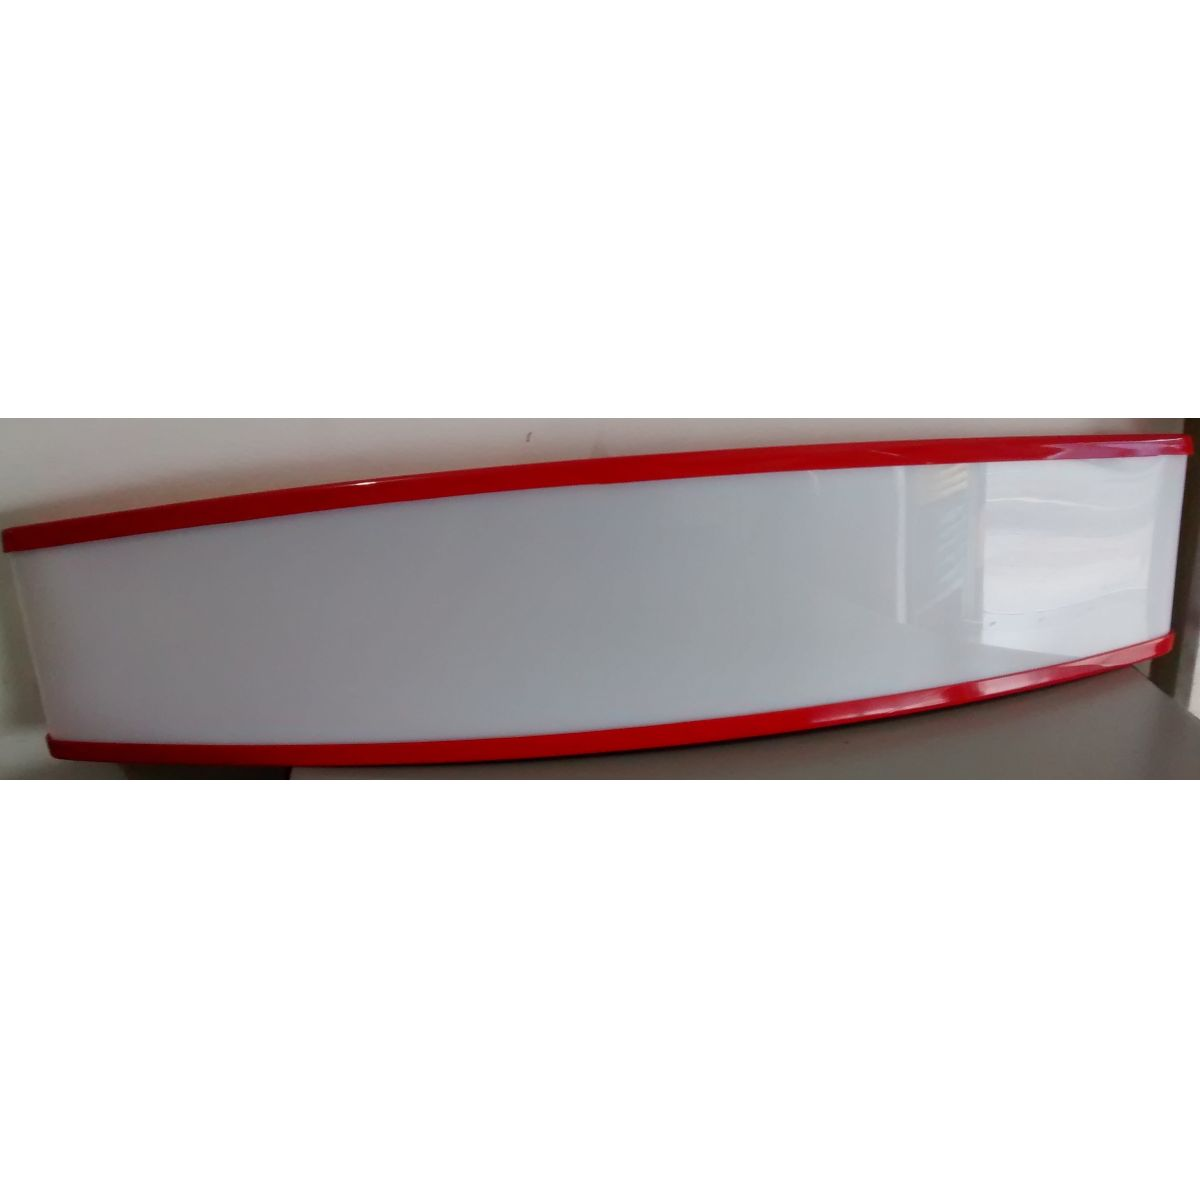 Testeira Expositor Metalfrio Vermelha Medidas 19 x 67 cm - PI493